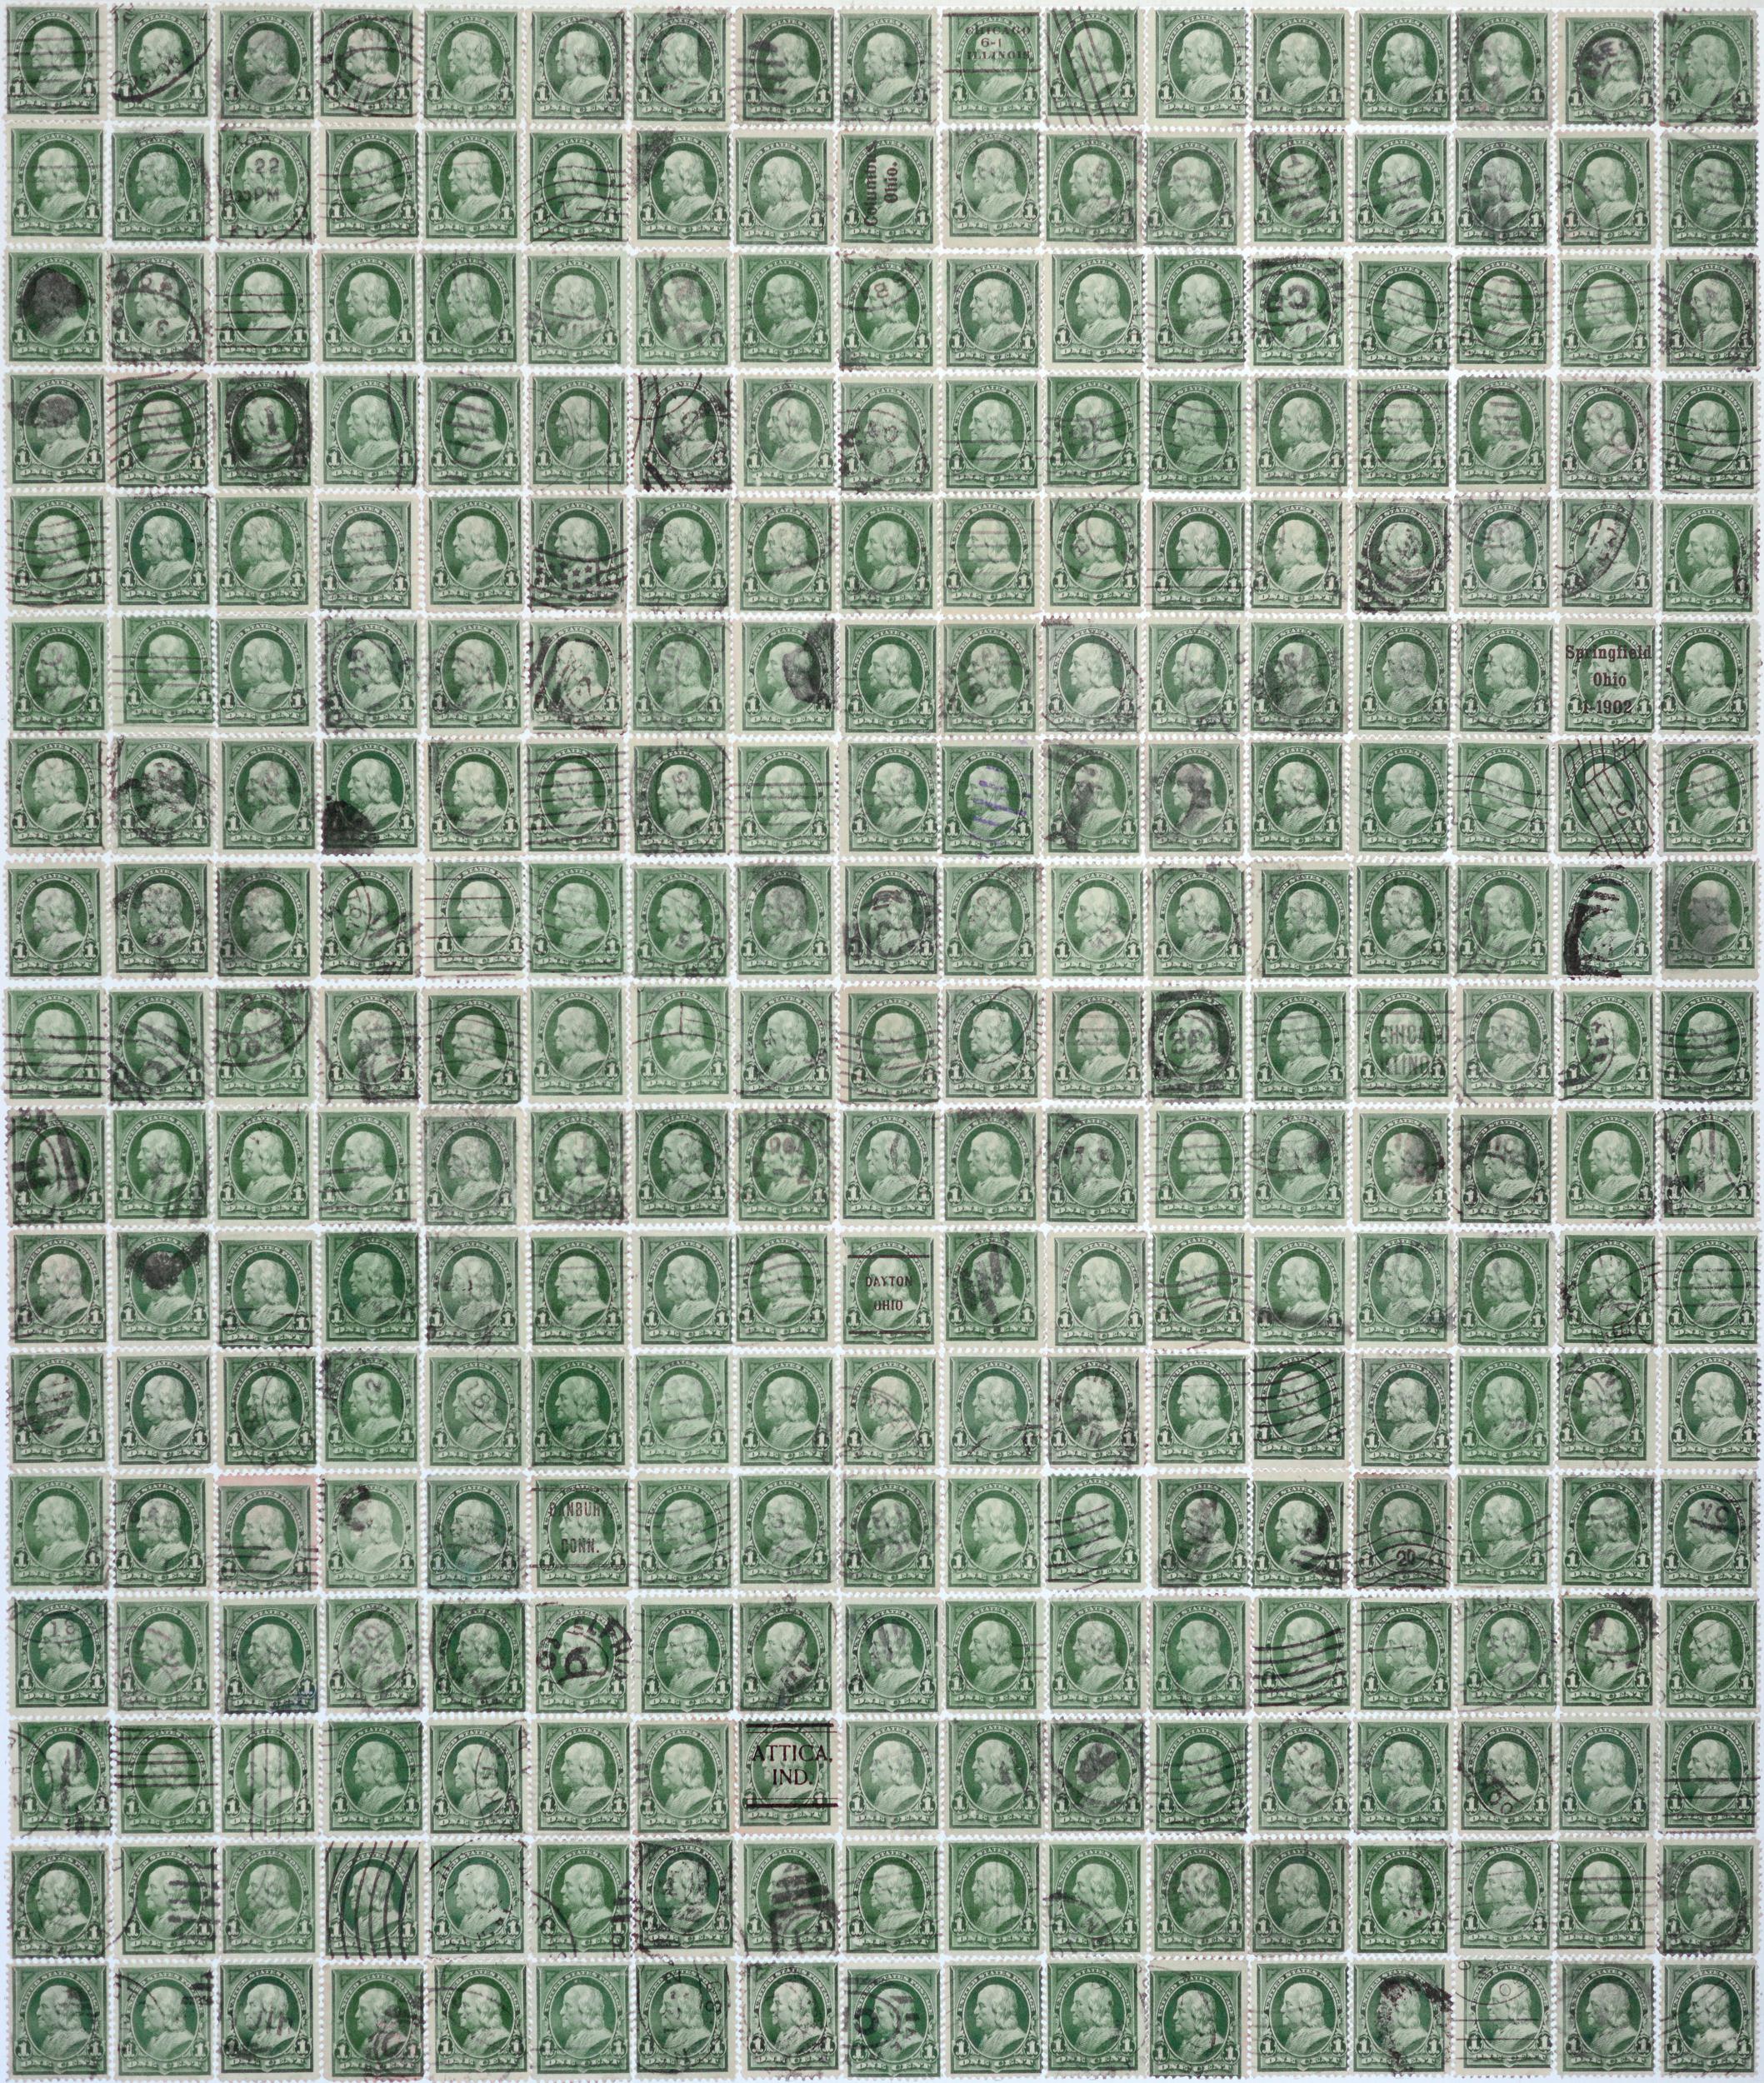 Benjamin Franklin, 1 cent, 2013